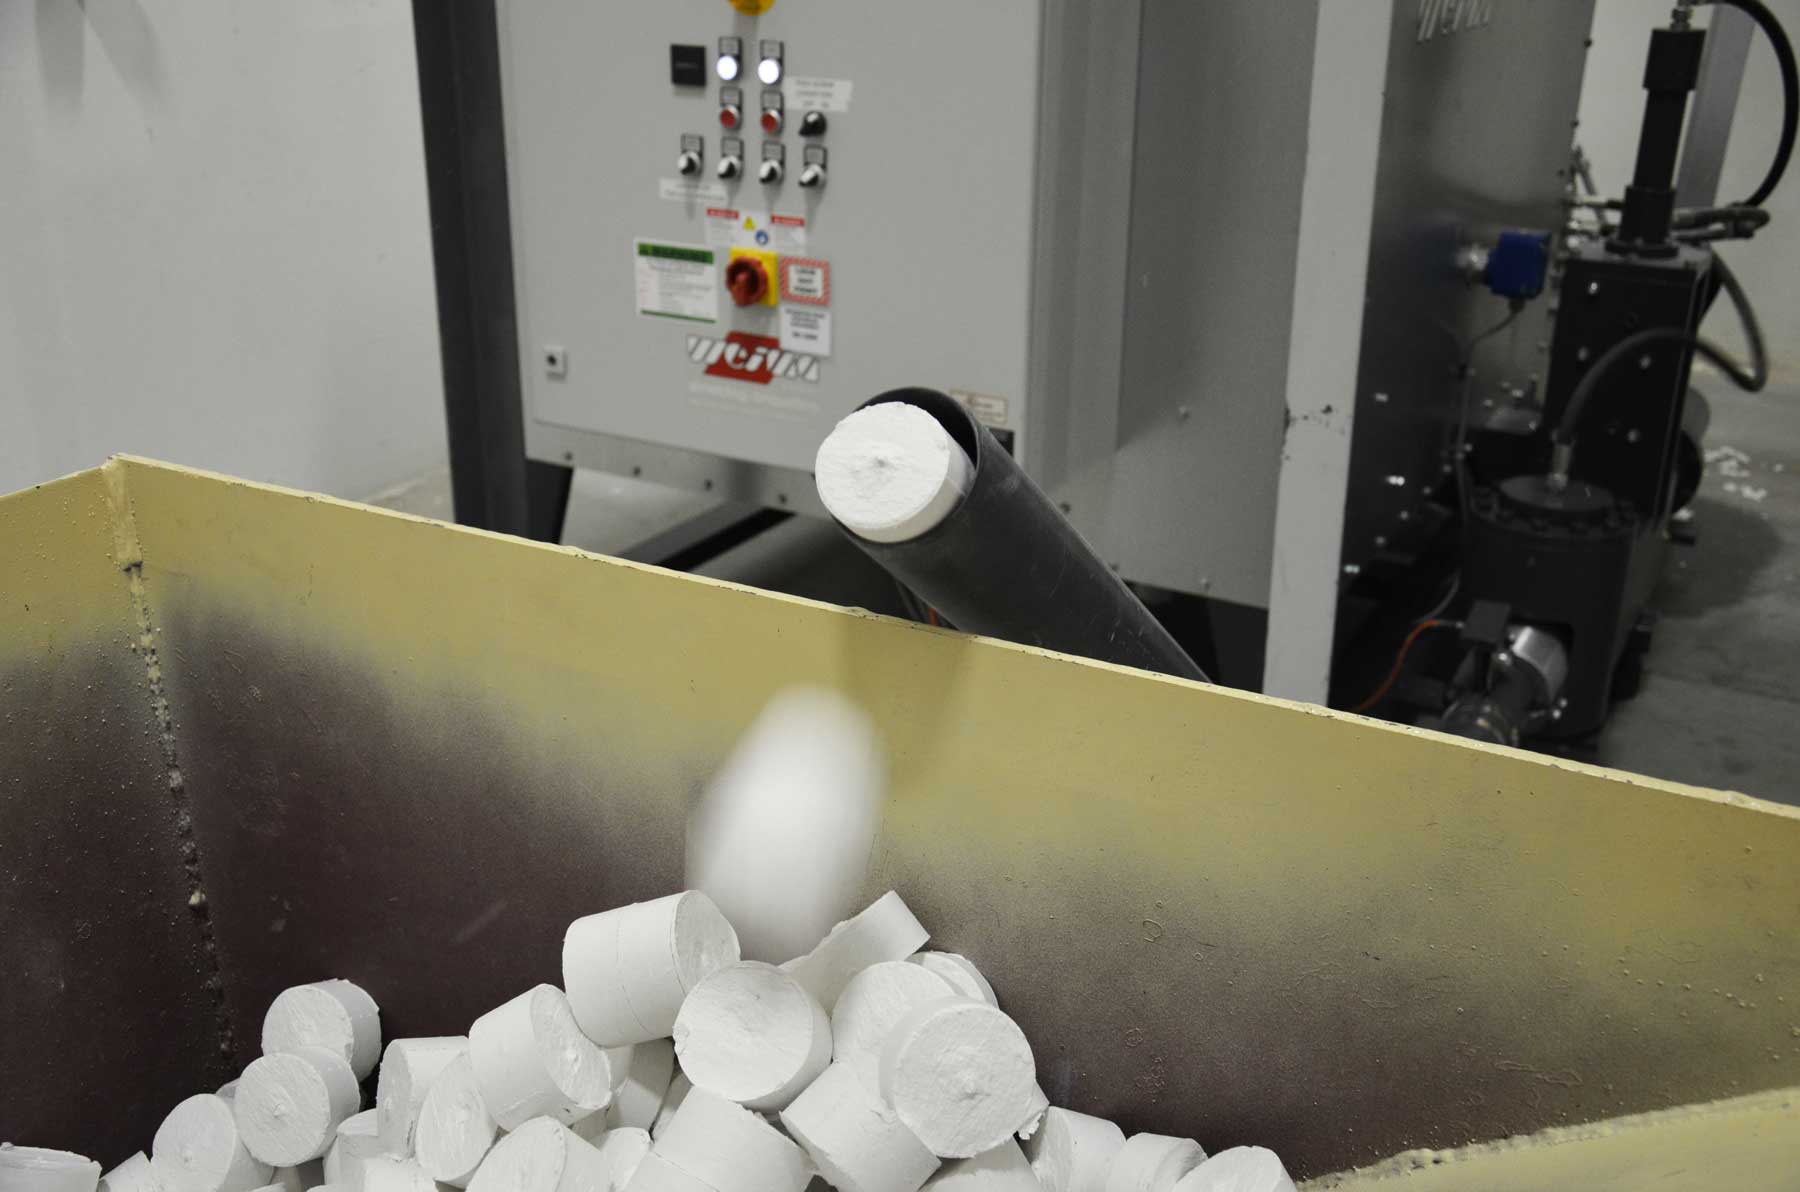 Papierbrikett fällt aus der Brikettierpresse in Behälter